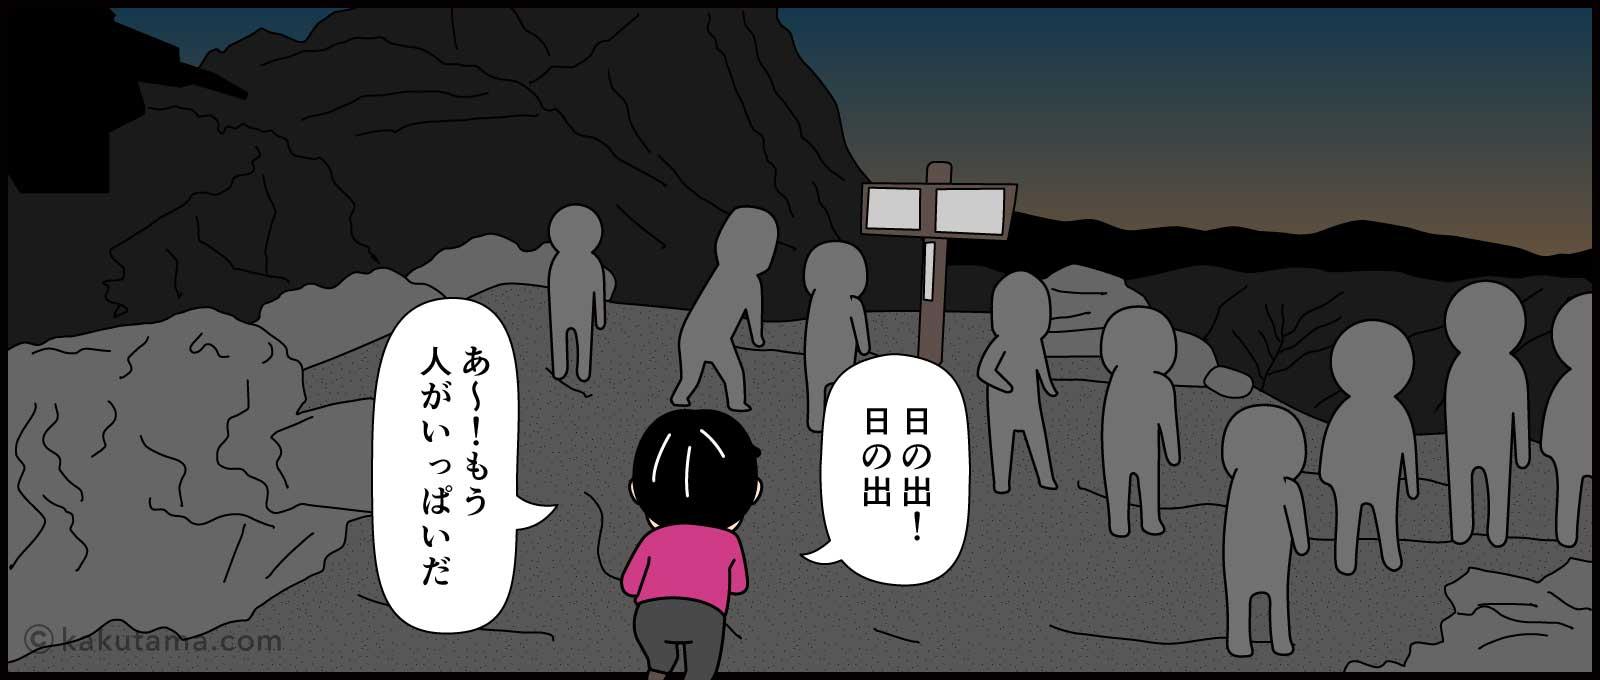 槍ヶ岳のご来光ポイントへ向かう漫画